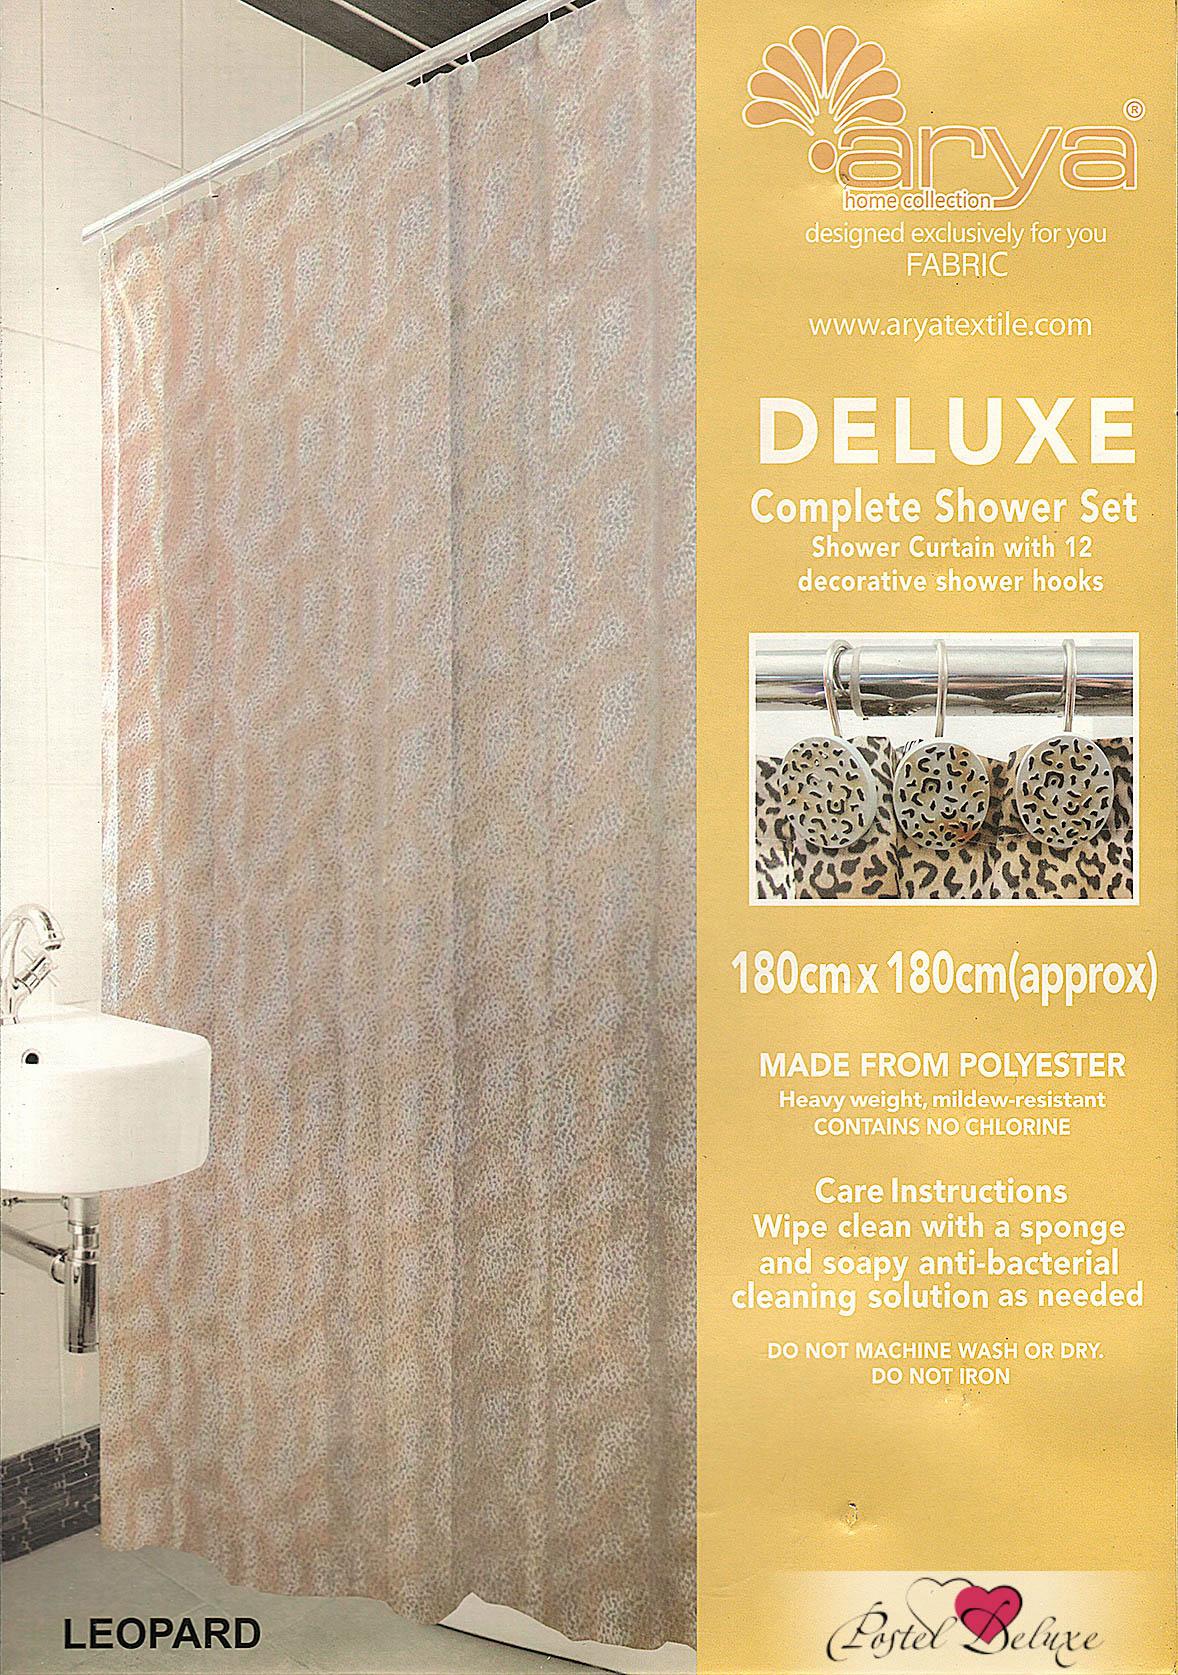 Шторы для ванной AryaПростыни без резинки<br>Производитель: Arya<br>Страна производства: Турция<br>Шторы для ванной<br>Состав: Полиэстер<br>Размер: 180х180 см<br><br>Тип: шторы для ванной<br>Размерность комплекта: для ванной<br>Материал: Полиэстер<br>Размер наволочки: None<br>Подарочная упаковка: для ванной<br>Для детей: нет для ванной<br>Ткань: Полиэстер<br>Цвет: Черный,Оранжевый,Белый